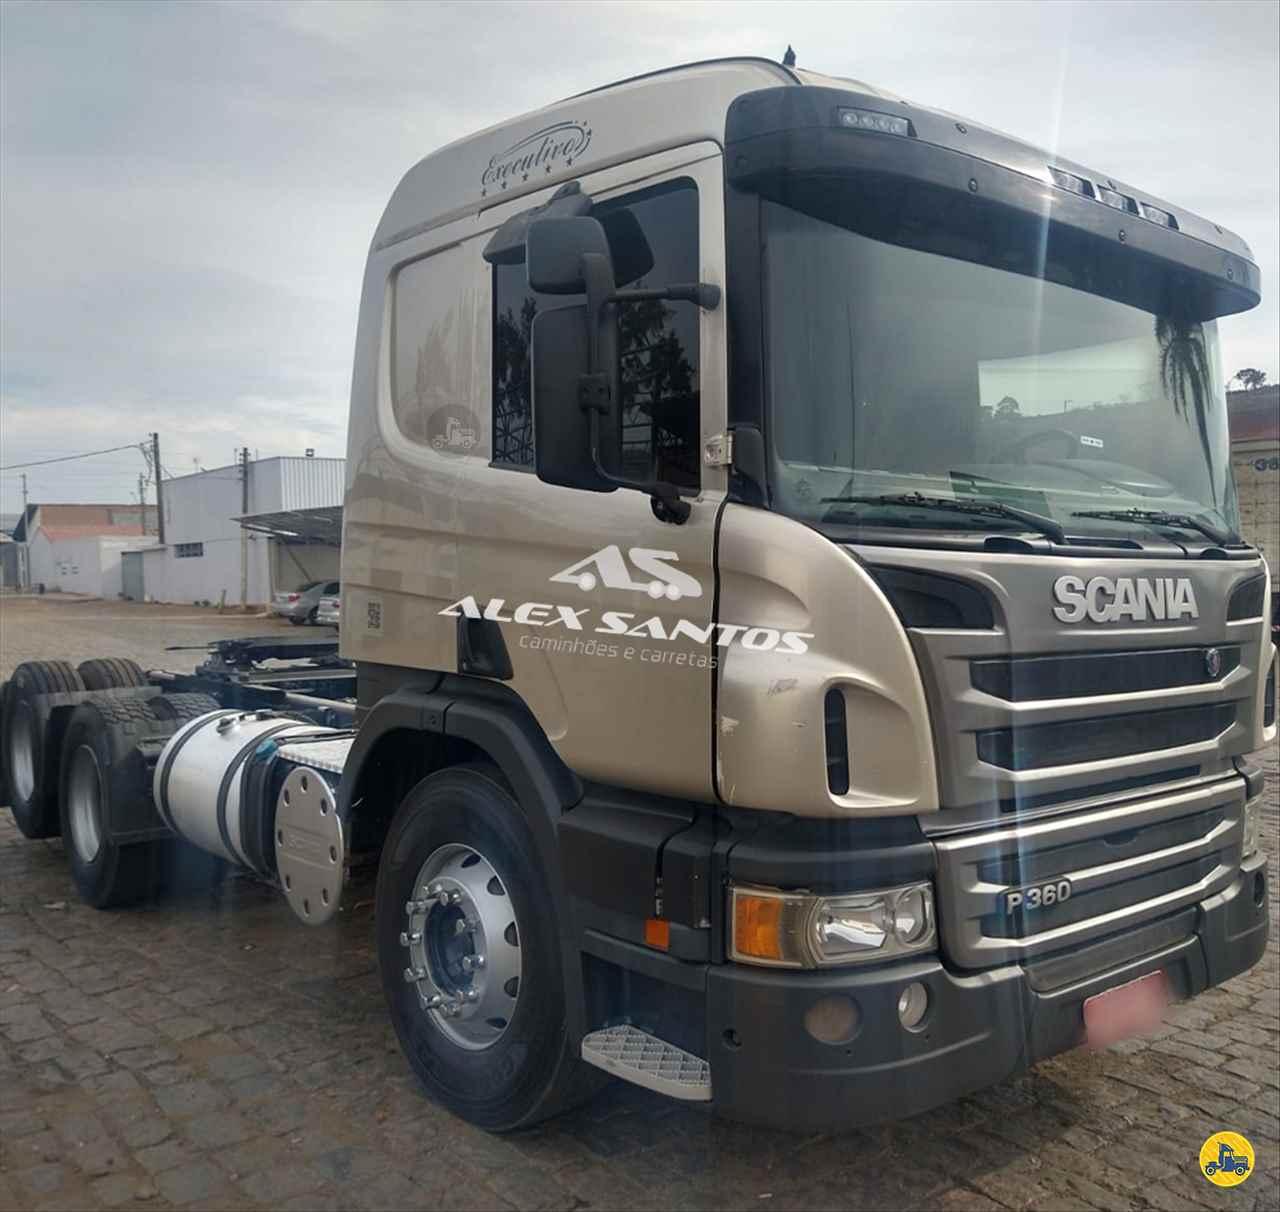 CAMINHAO SCANIA SCANIA 360 Cavalo Mecânico Truck 6x2 Alex Santos Caminhões - Pouso Alegre POUSO ALEGRE MINAS GERAIS MG